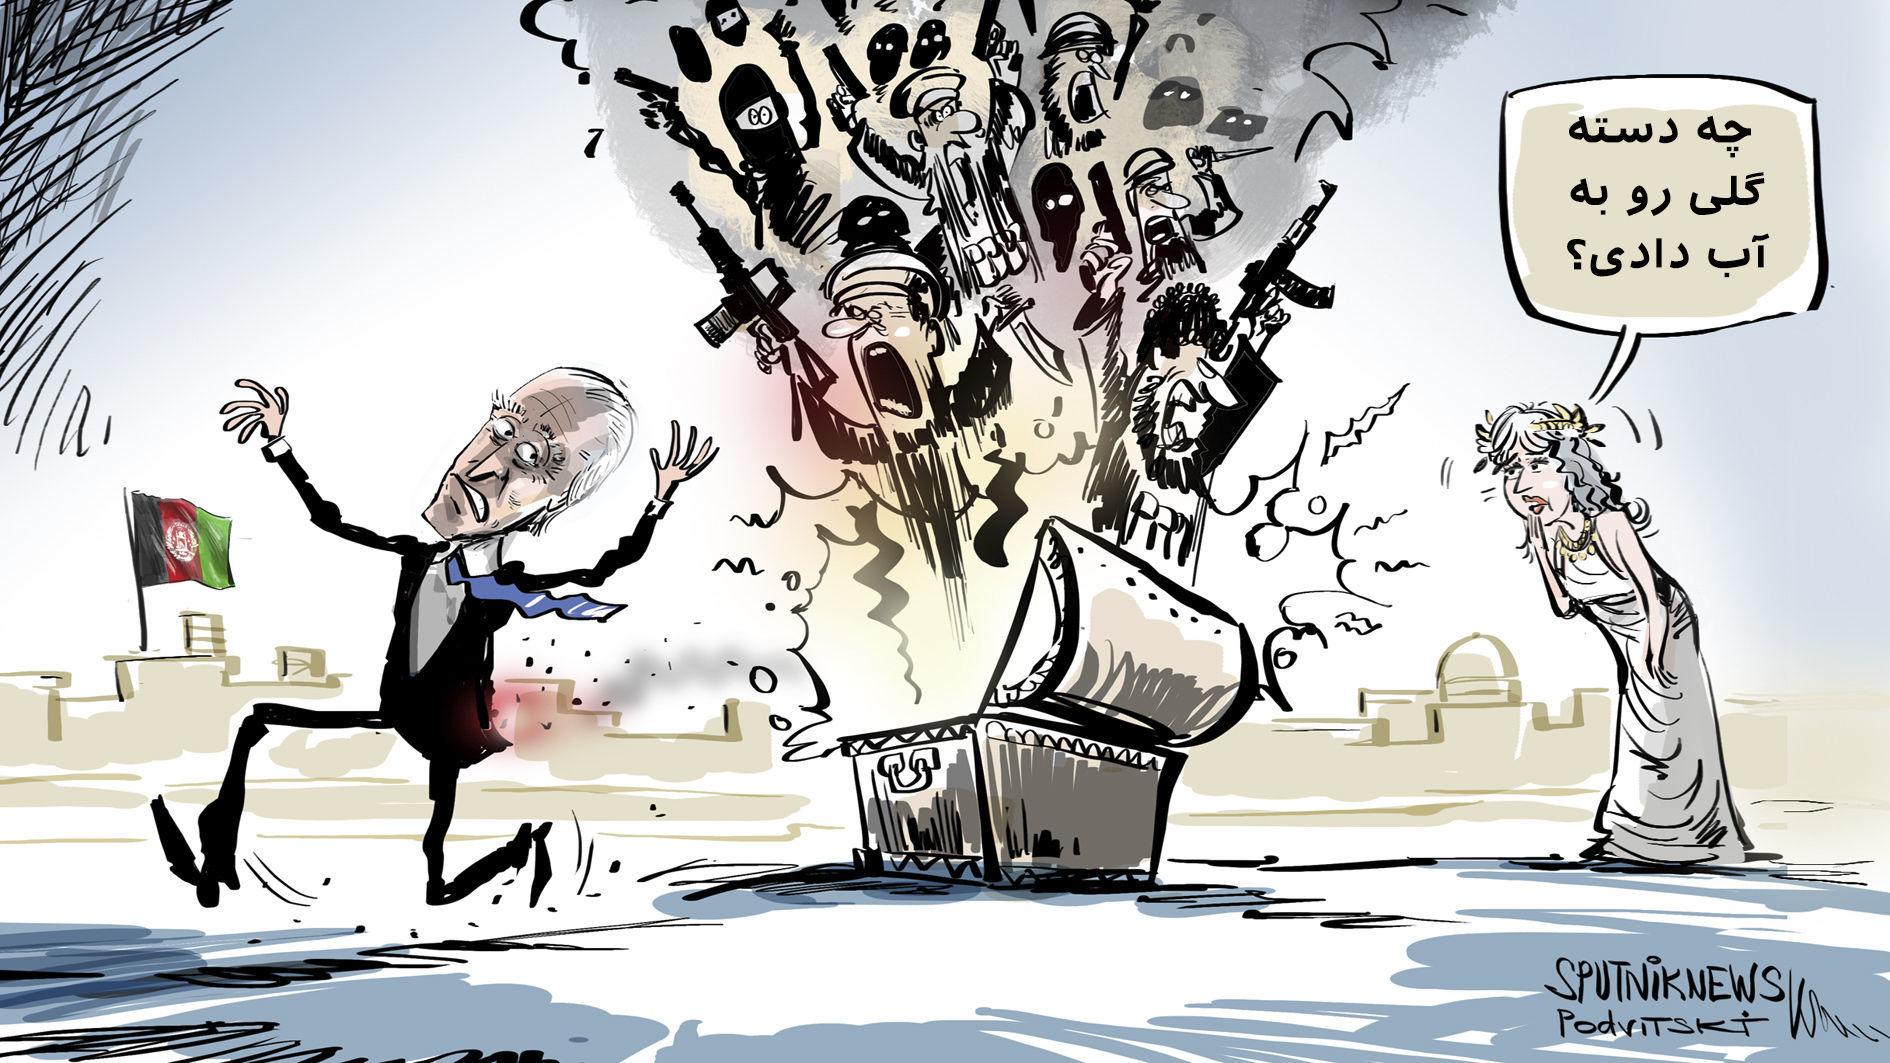 پوتین: آمریکا پس از ترک افغانستان، جعبه پاندورا از خود برجای گذاشت